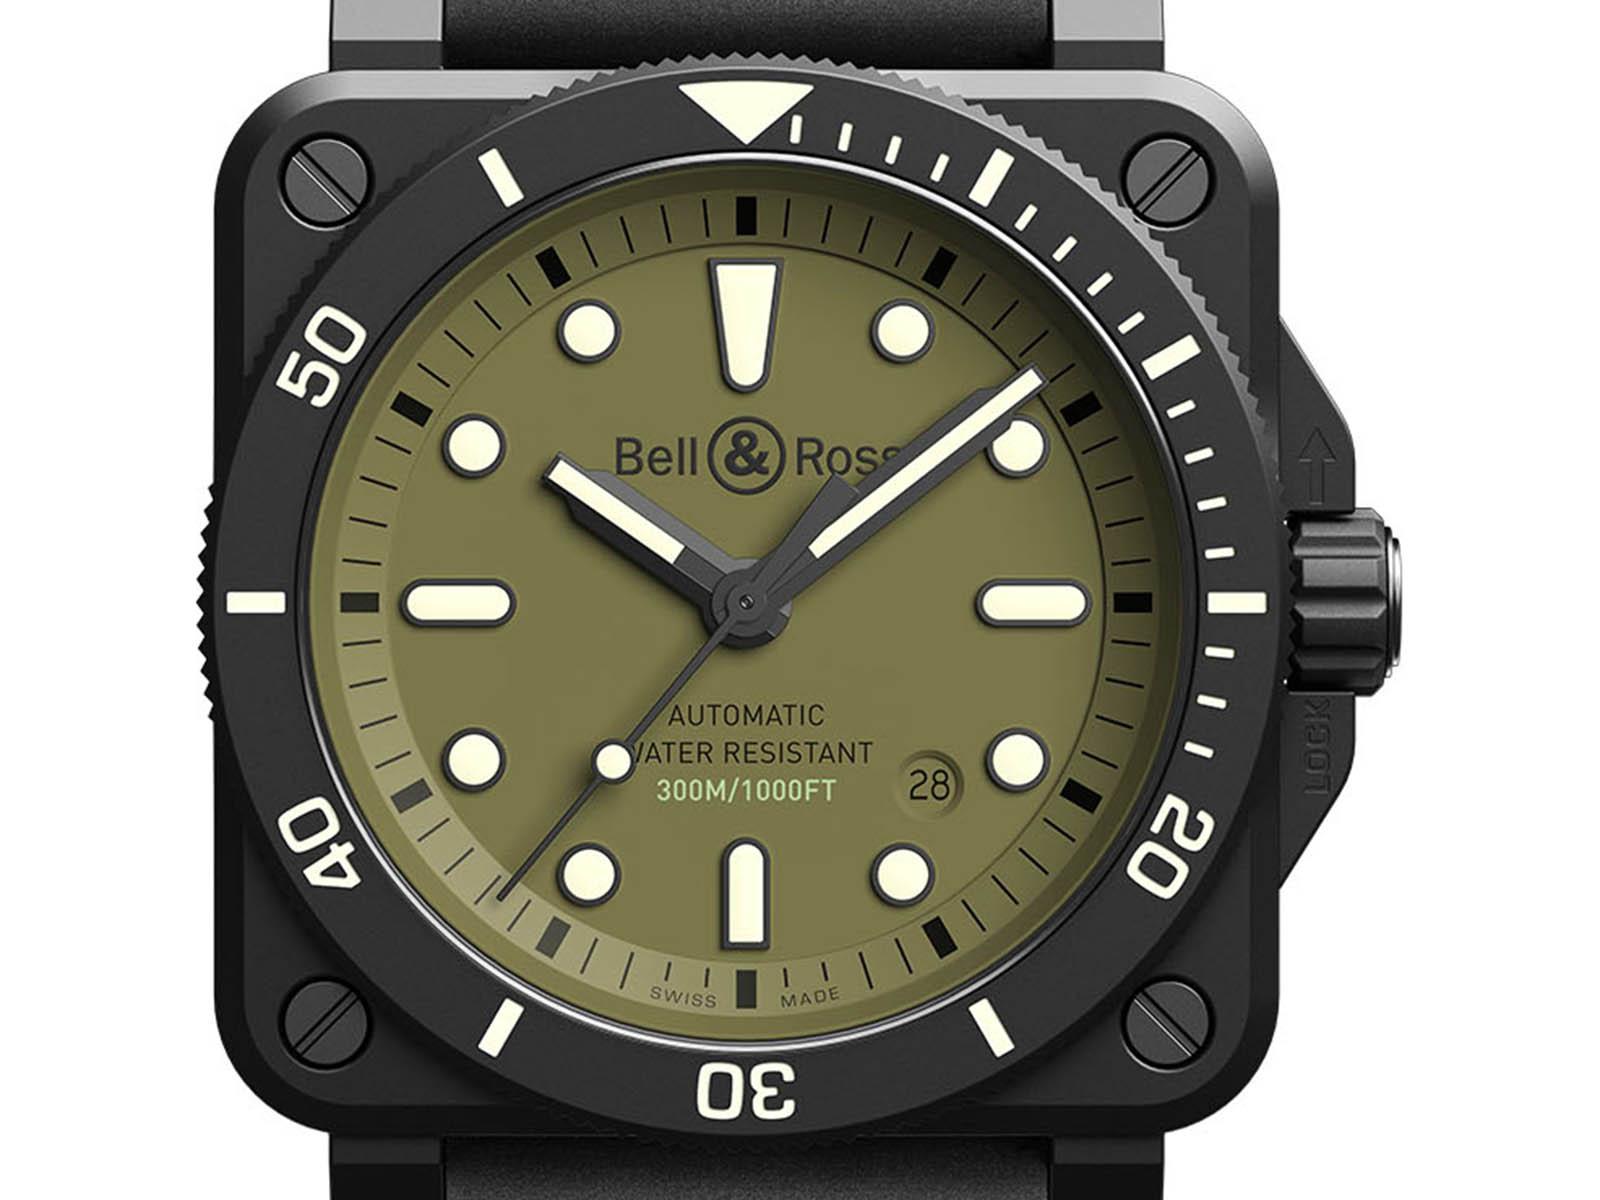 br0392-d-ka-ce-srb-bell-ross-br-03-diver-military-8.jpg